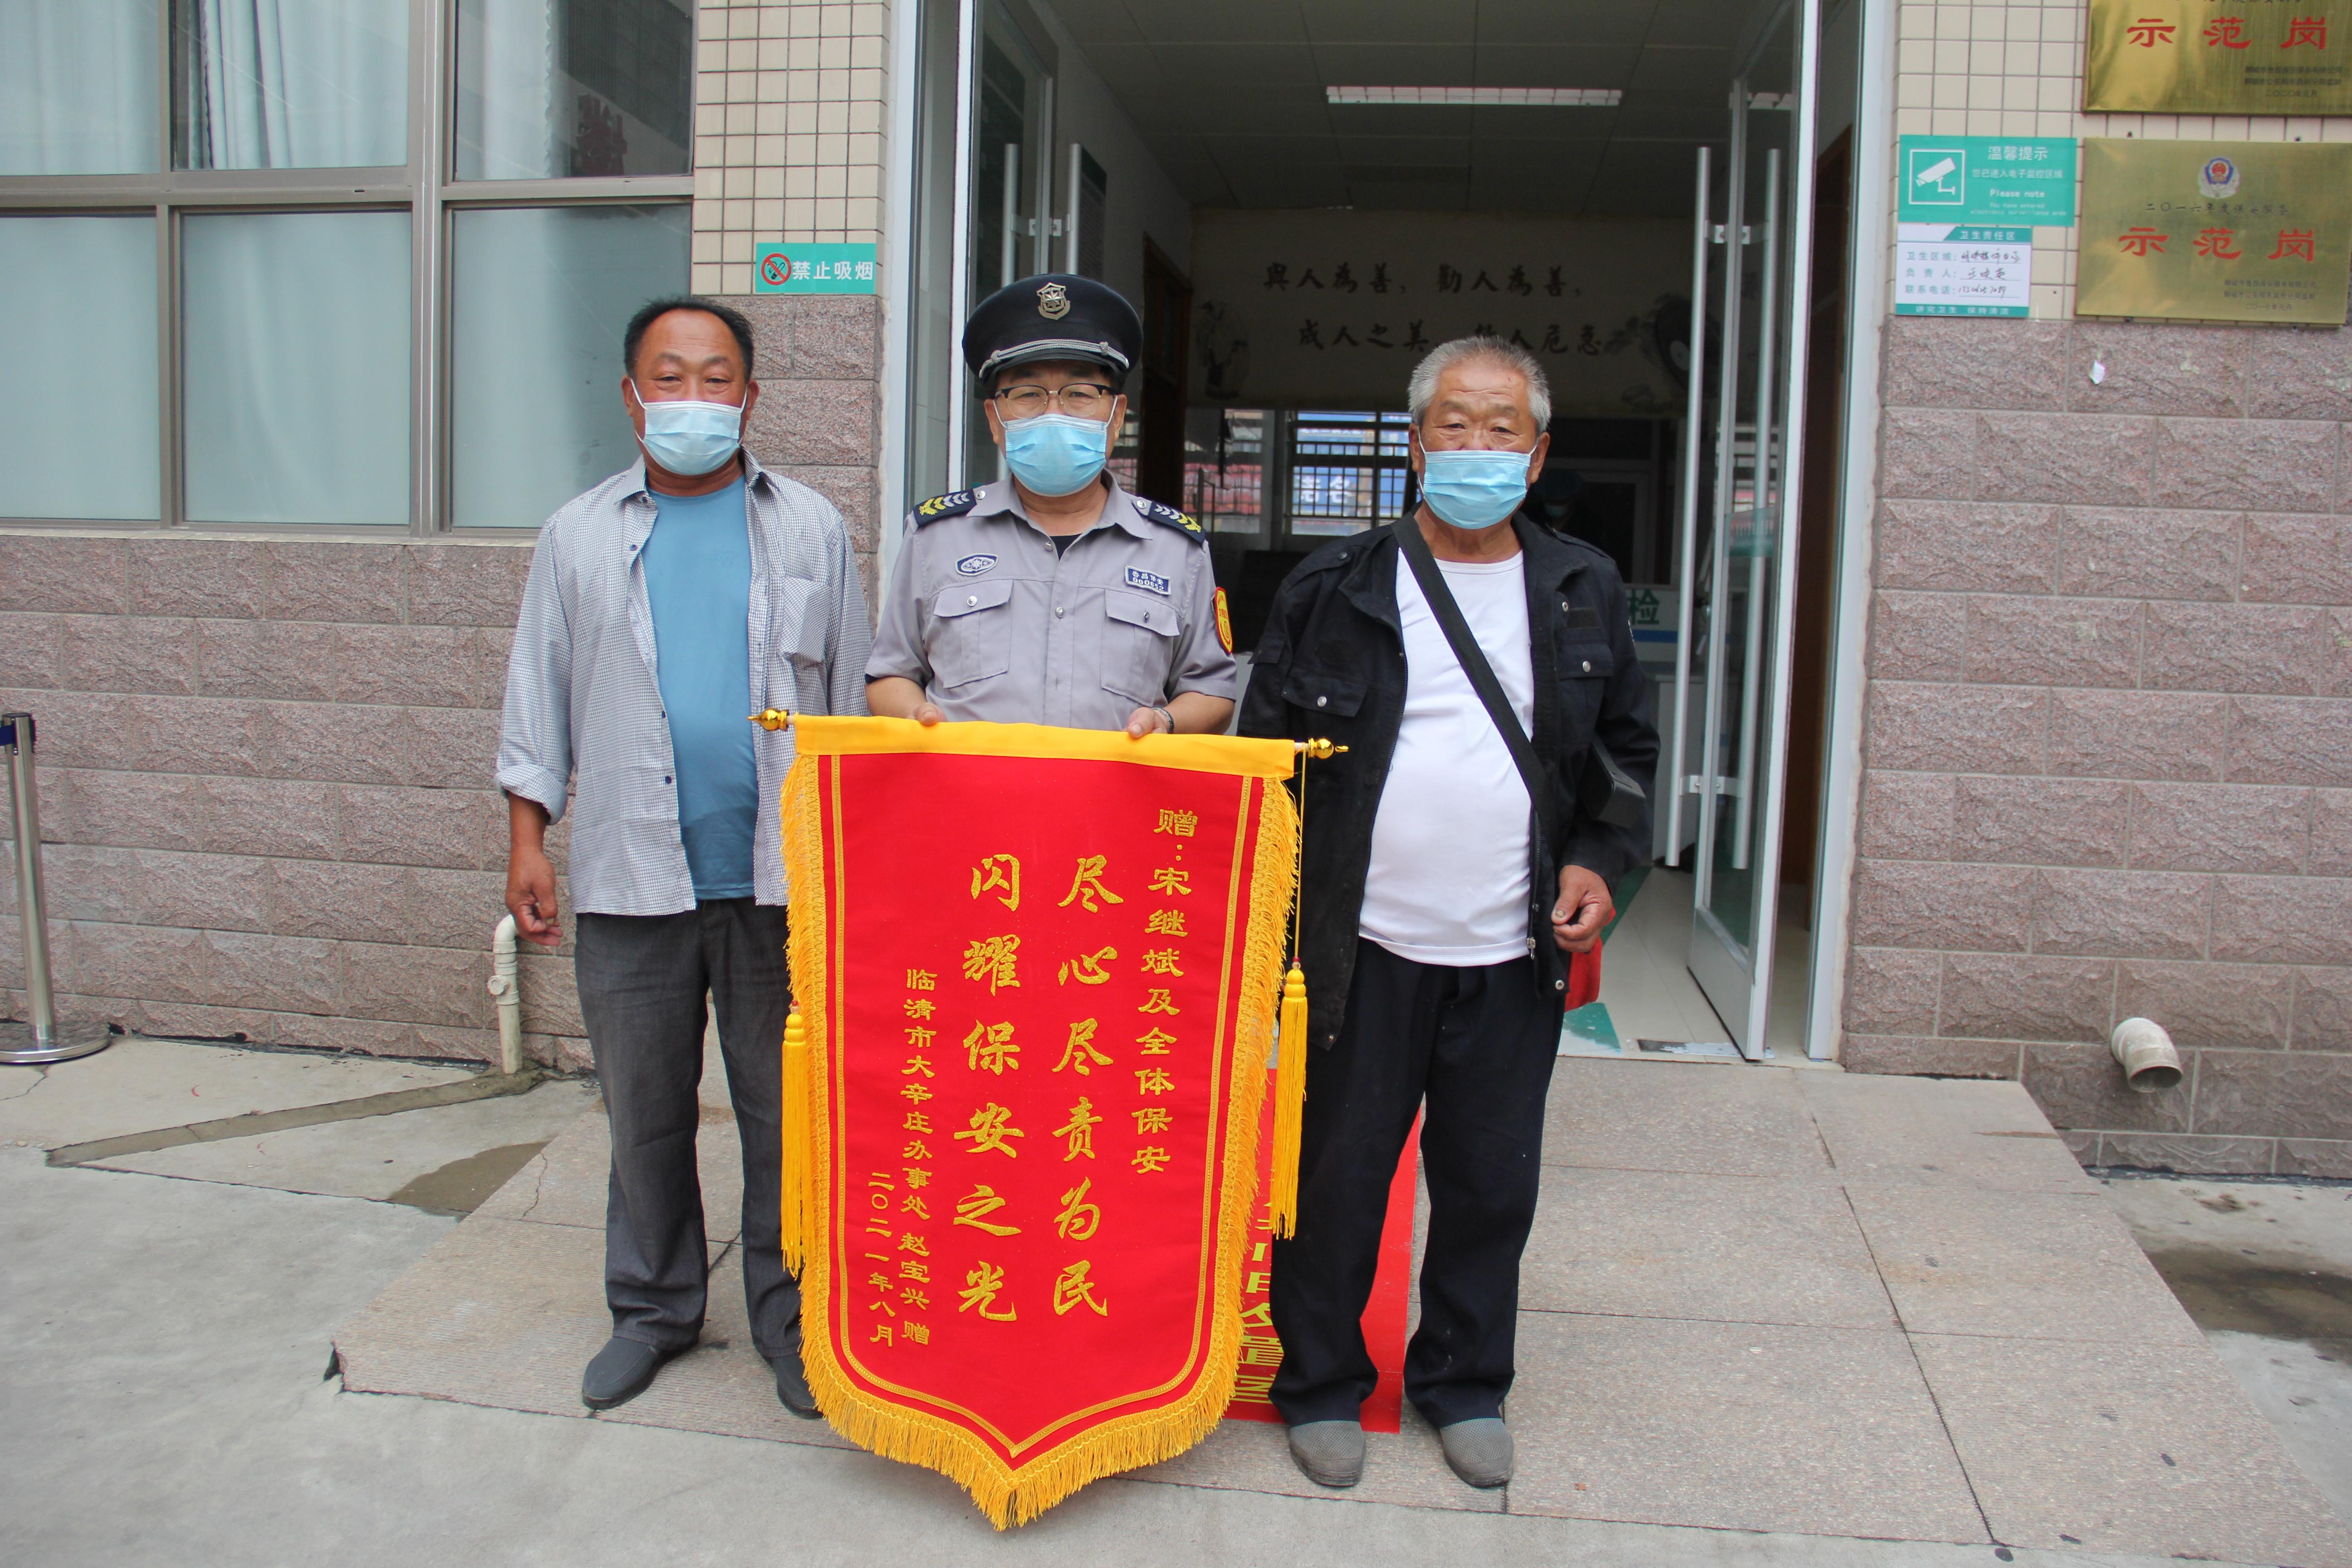 聊城市第四人民医院保安热心帮助市民找回钱包